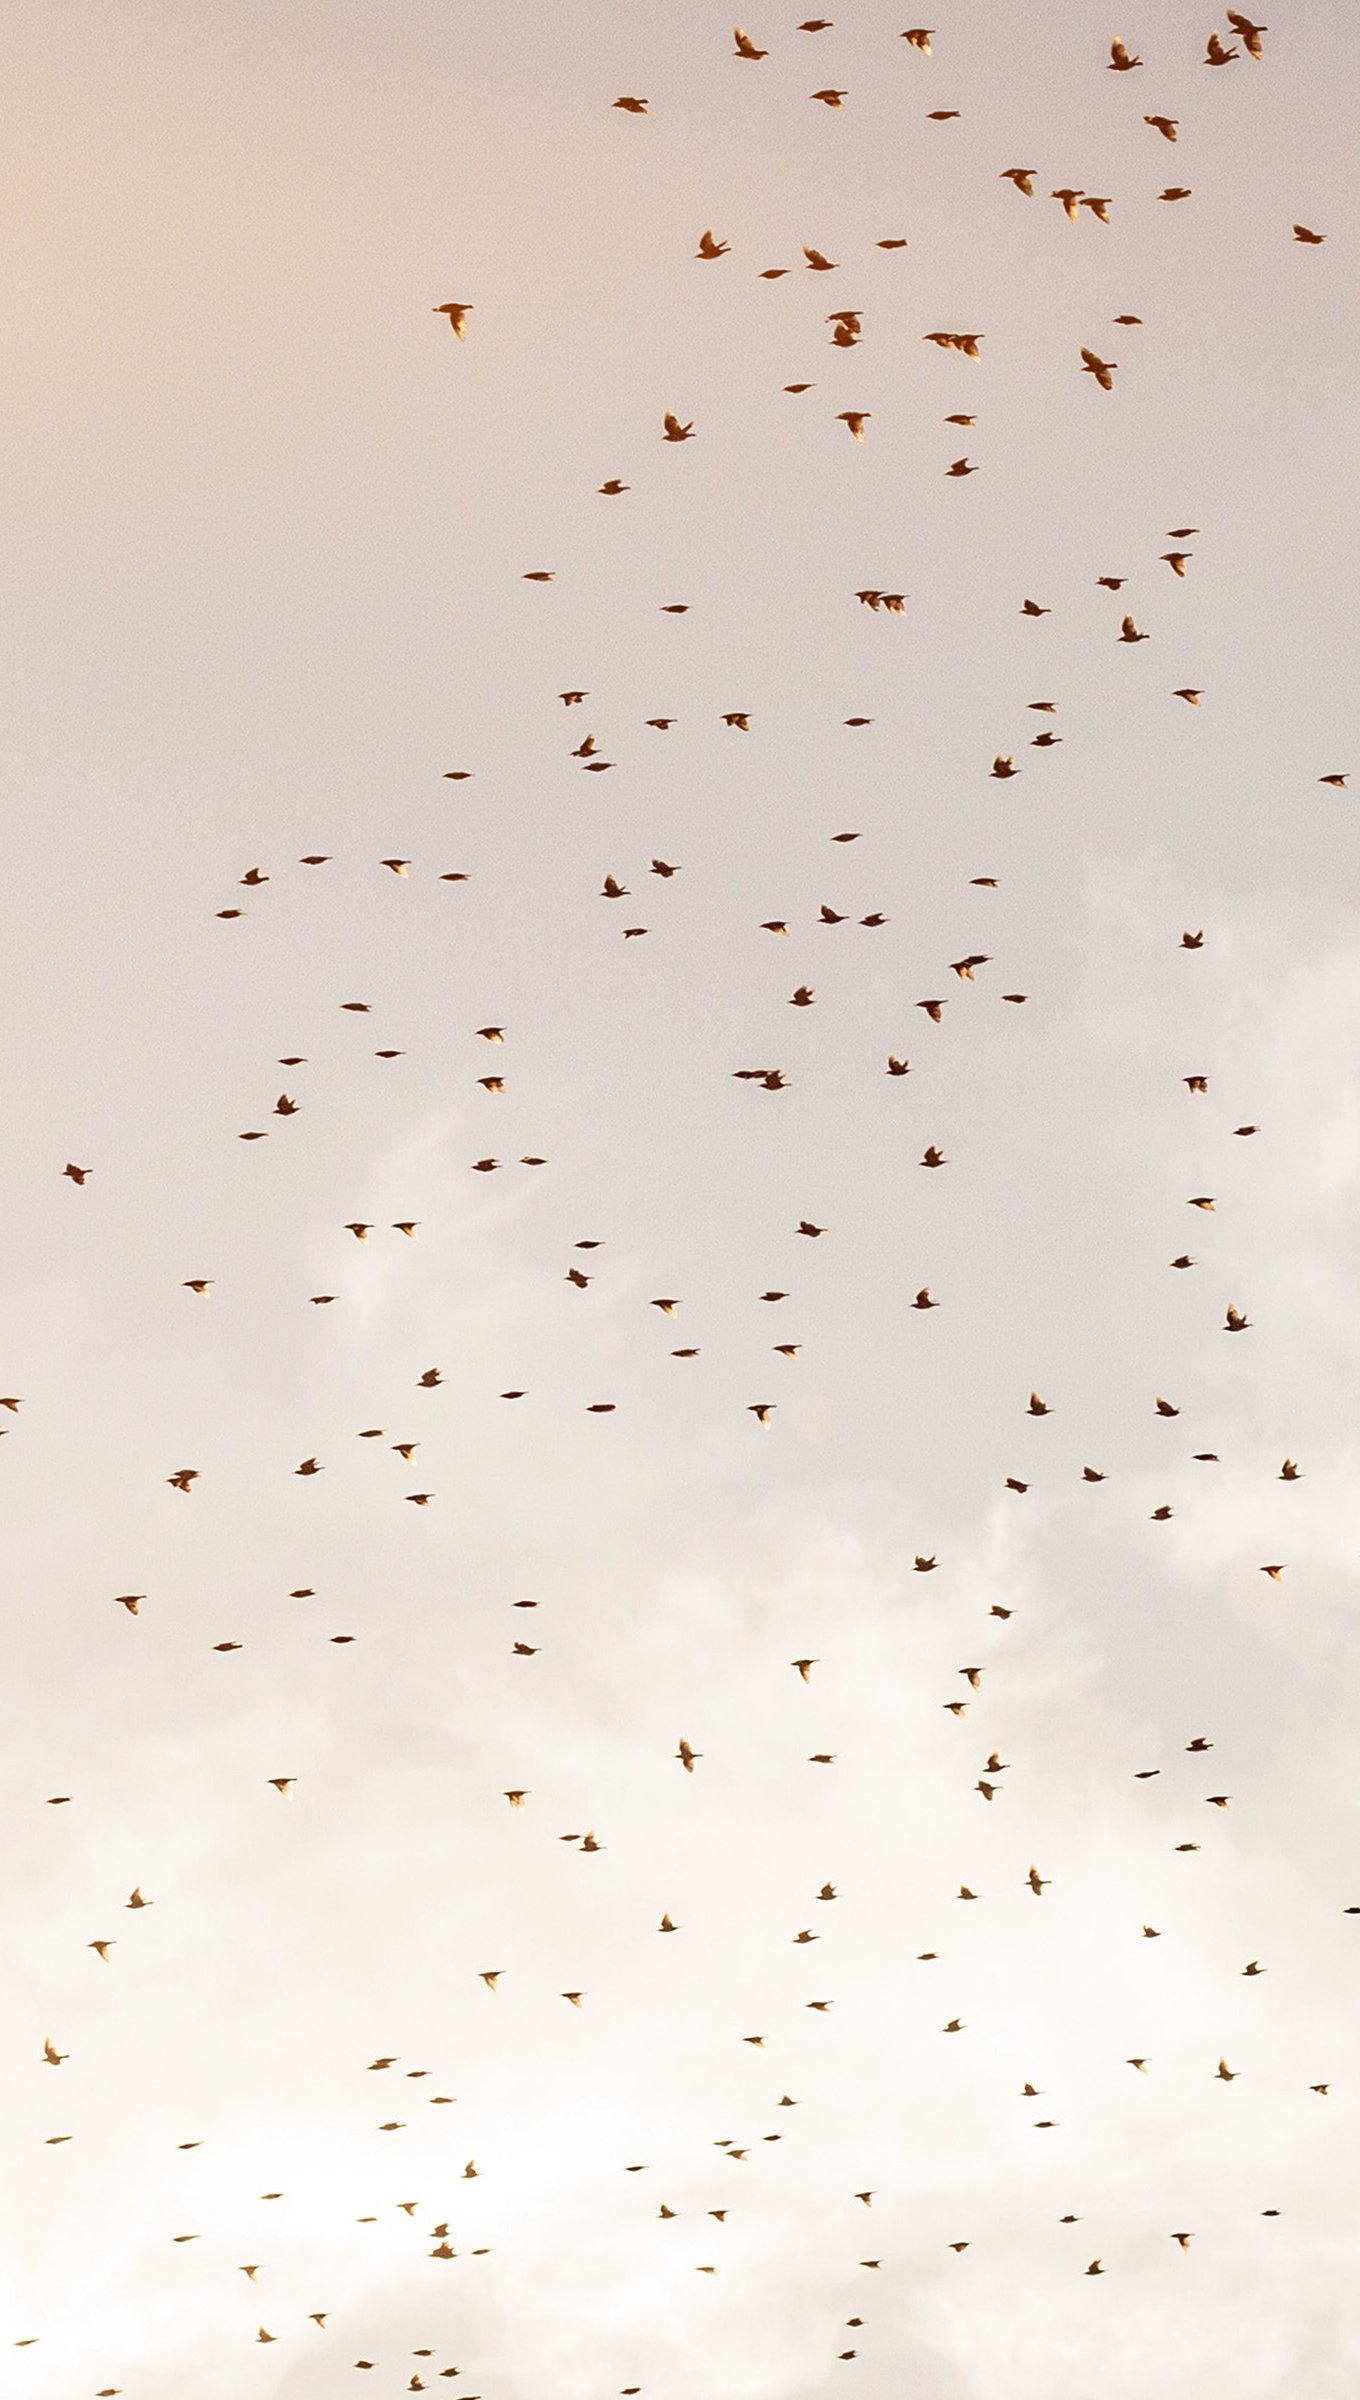 Fondos de pantalla Vuelo de pájaros en el cielo Vertical